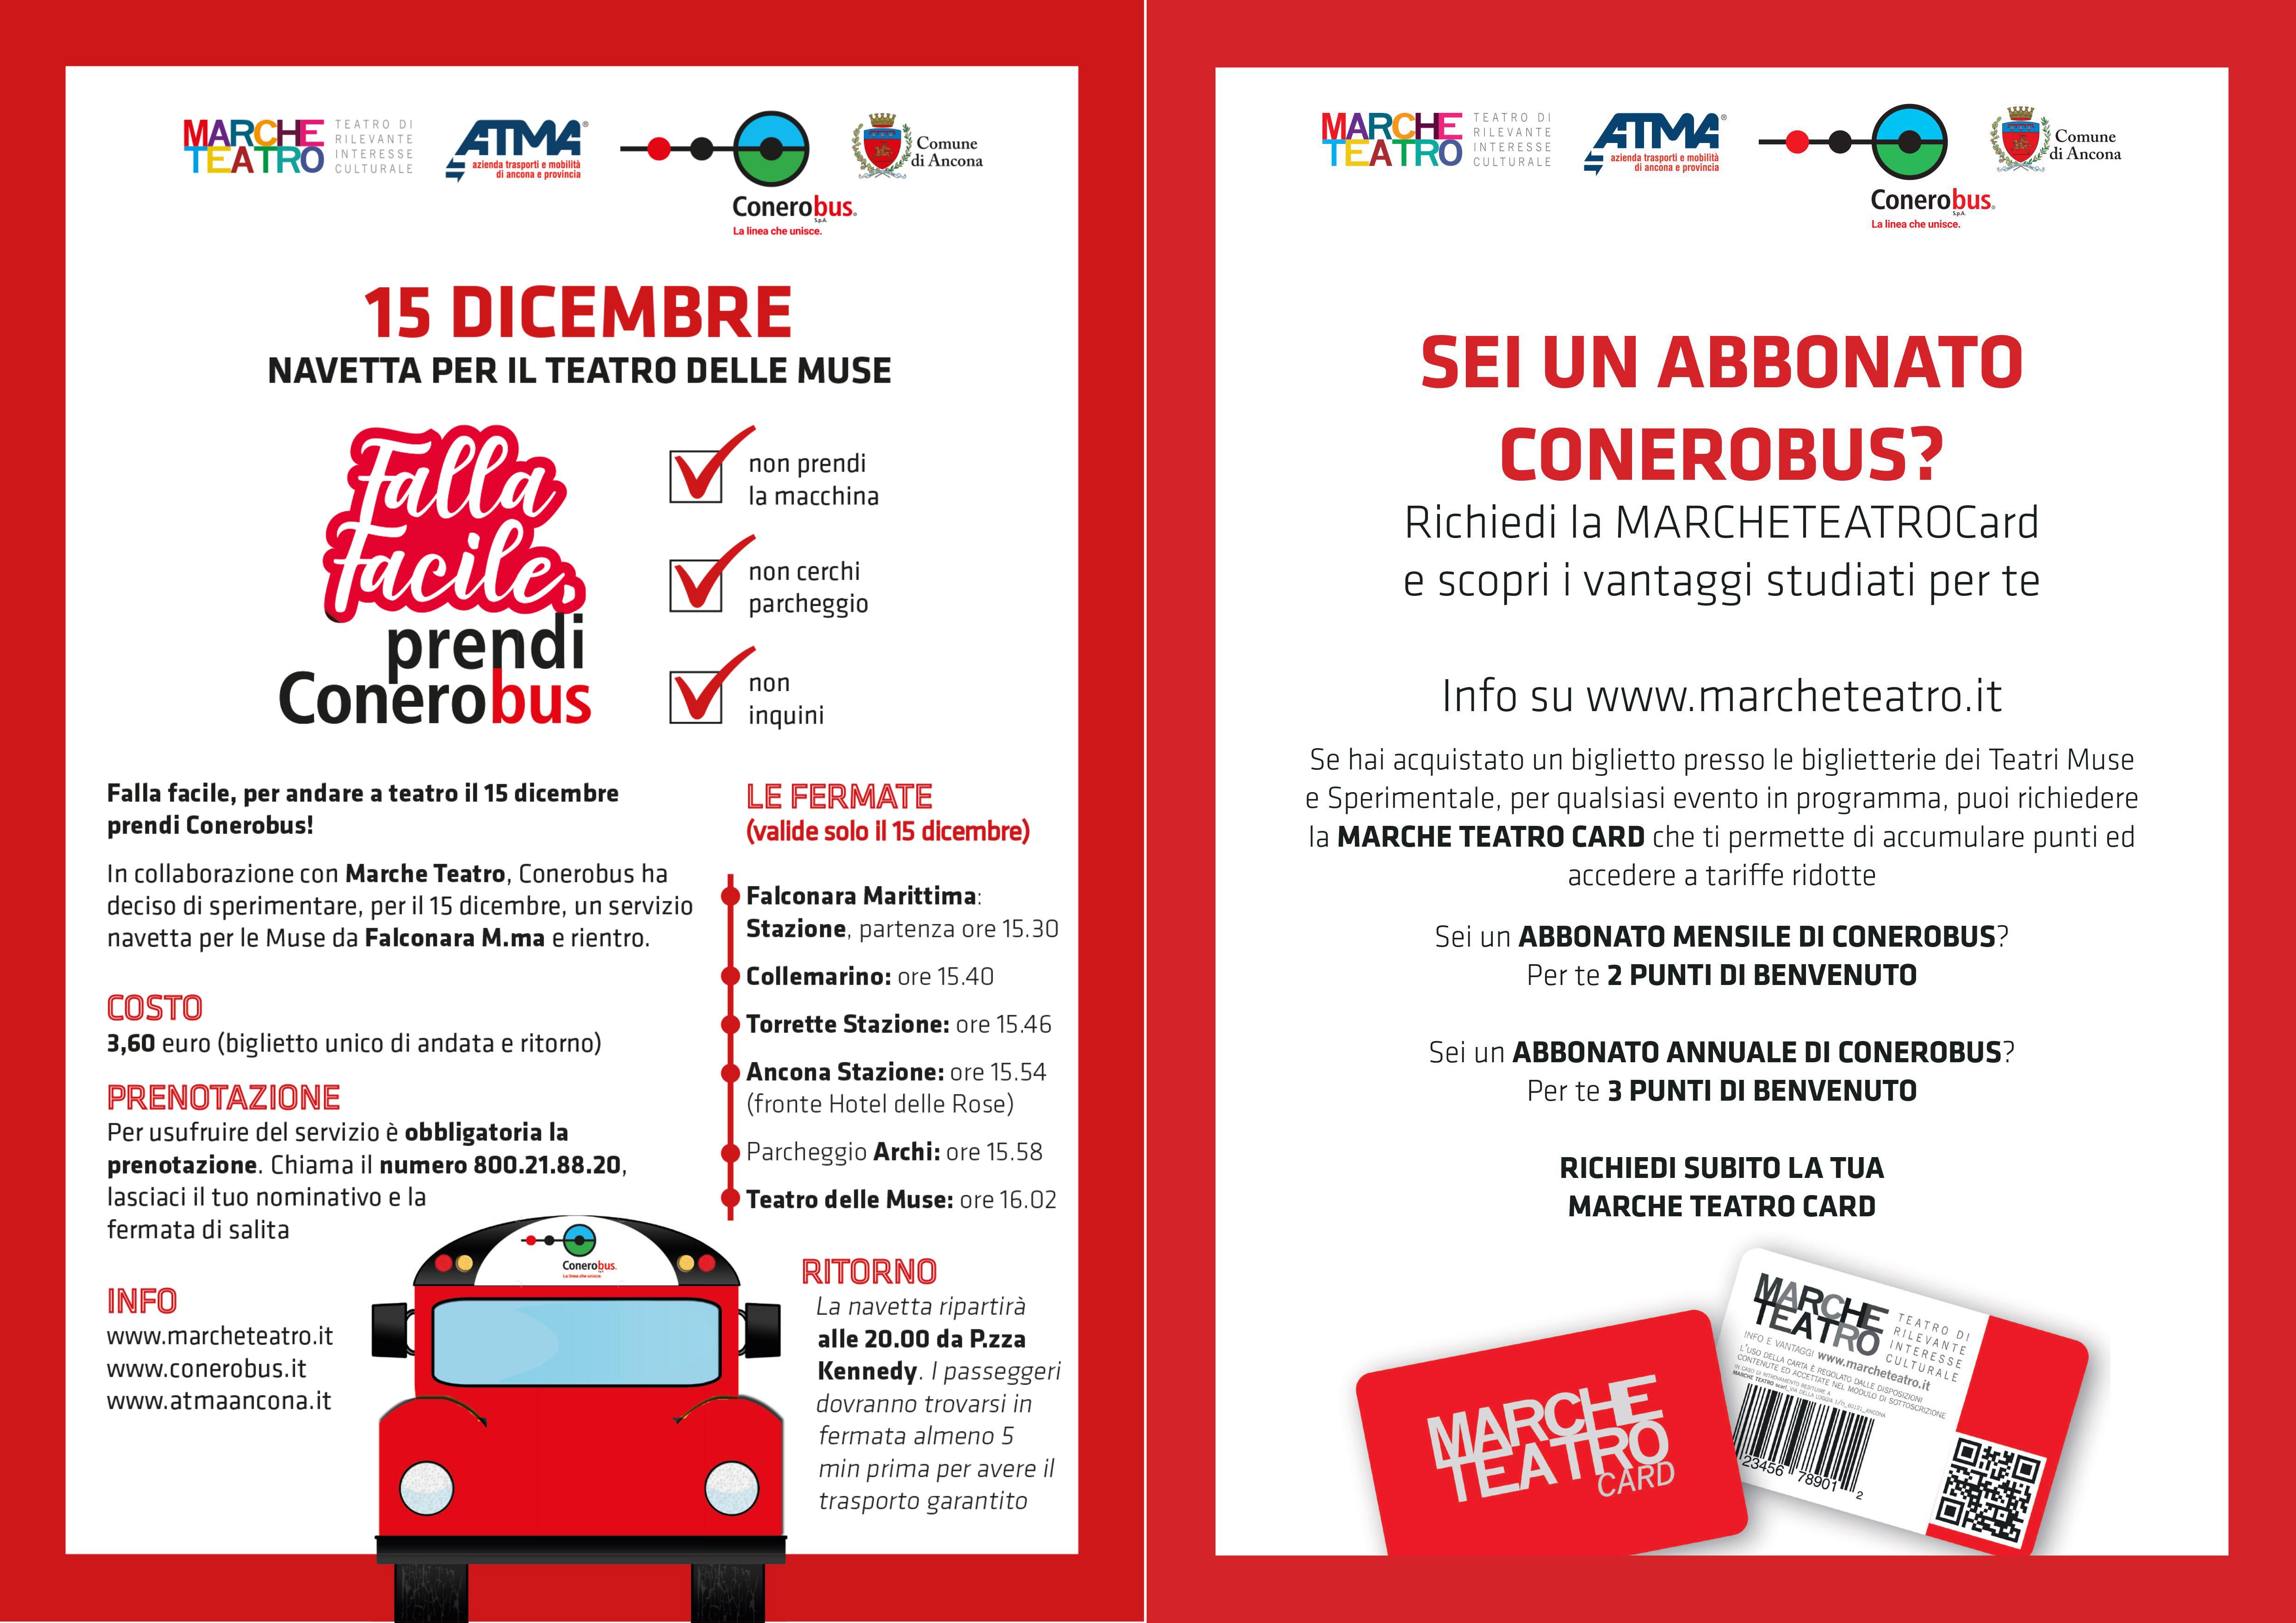 Atma Azienda Trasporti E Mobilita Di Ancona E Provincia